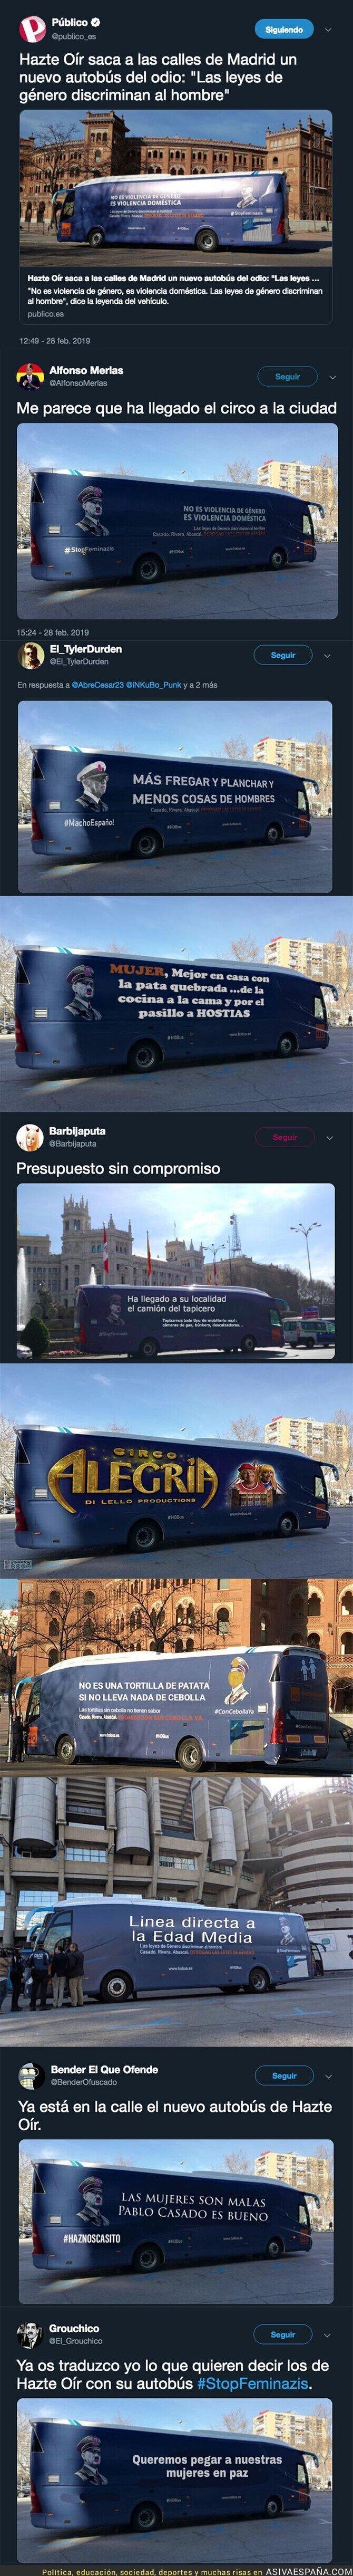 105545 - Los usuarios de Twitter chopean este autobús repugnante lleno de odio de los ultraderechistas de 'Hazte Oír y se ríen de ellos